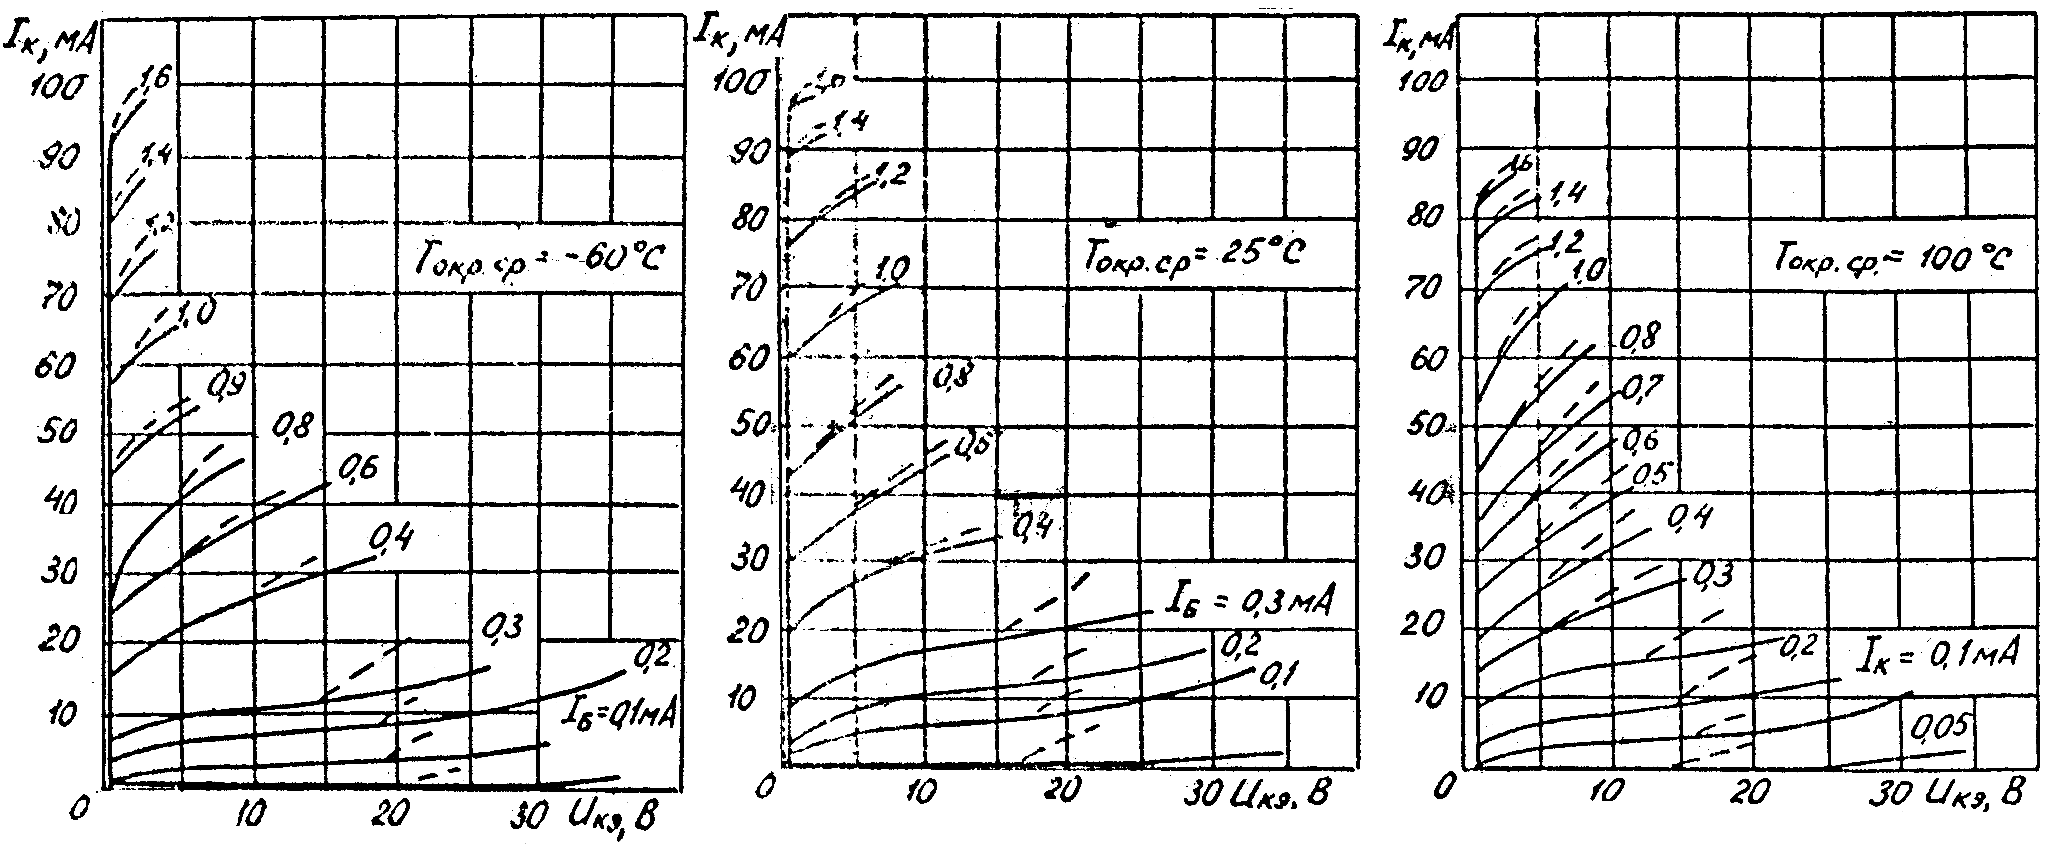 Типовые выходные характеристики транзисторов КТ361А, КТ361В, КТ361Д, КТ361А1, КТ361Д1, КТ361Н